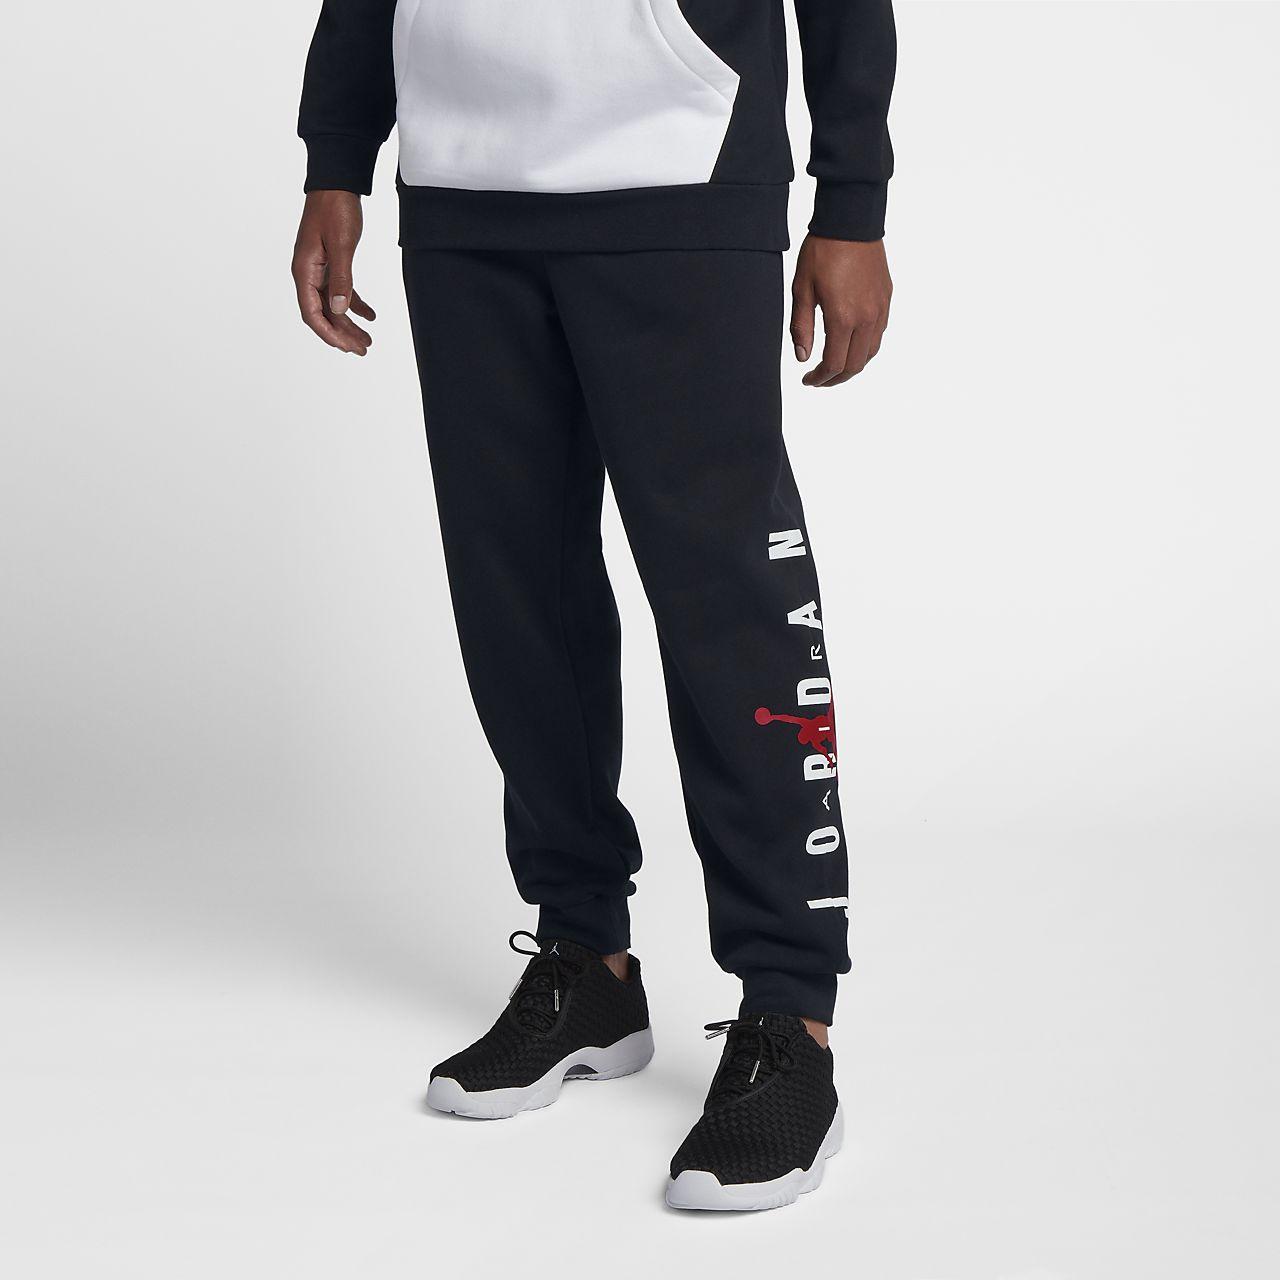 Vellón Jordan De Hombre Mx Pantalones Air Jumpman Para pIq55C